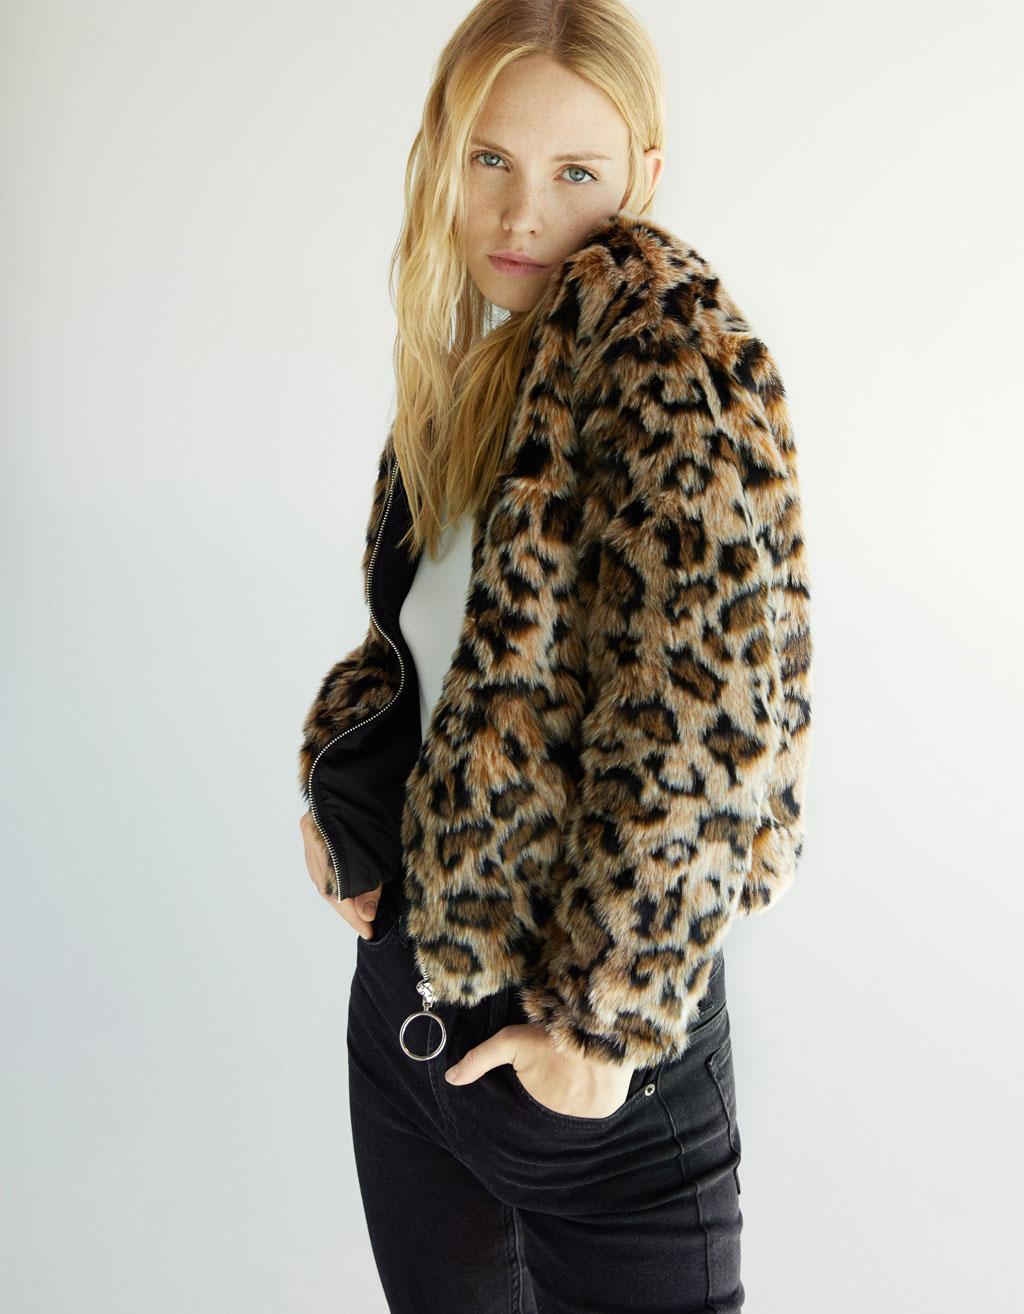 95a9a5310f4e Leopard print faux fur jacket - Jackets - Bershka Hungary